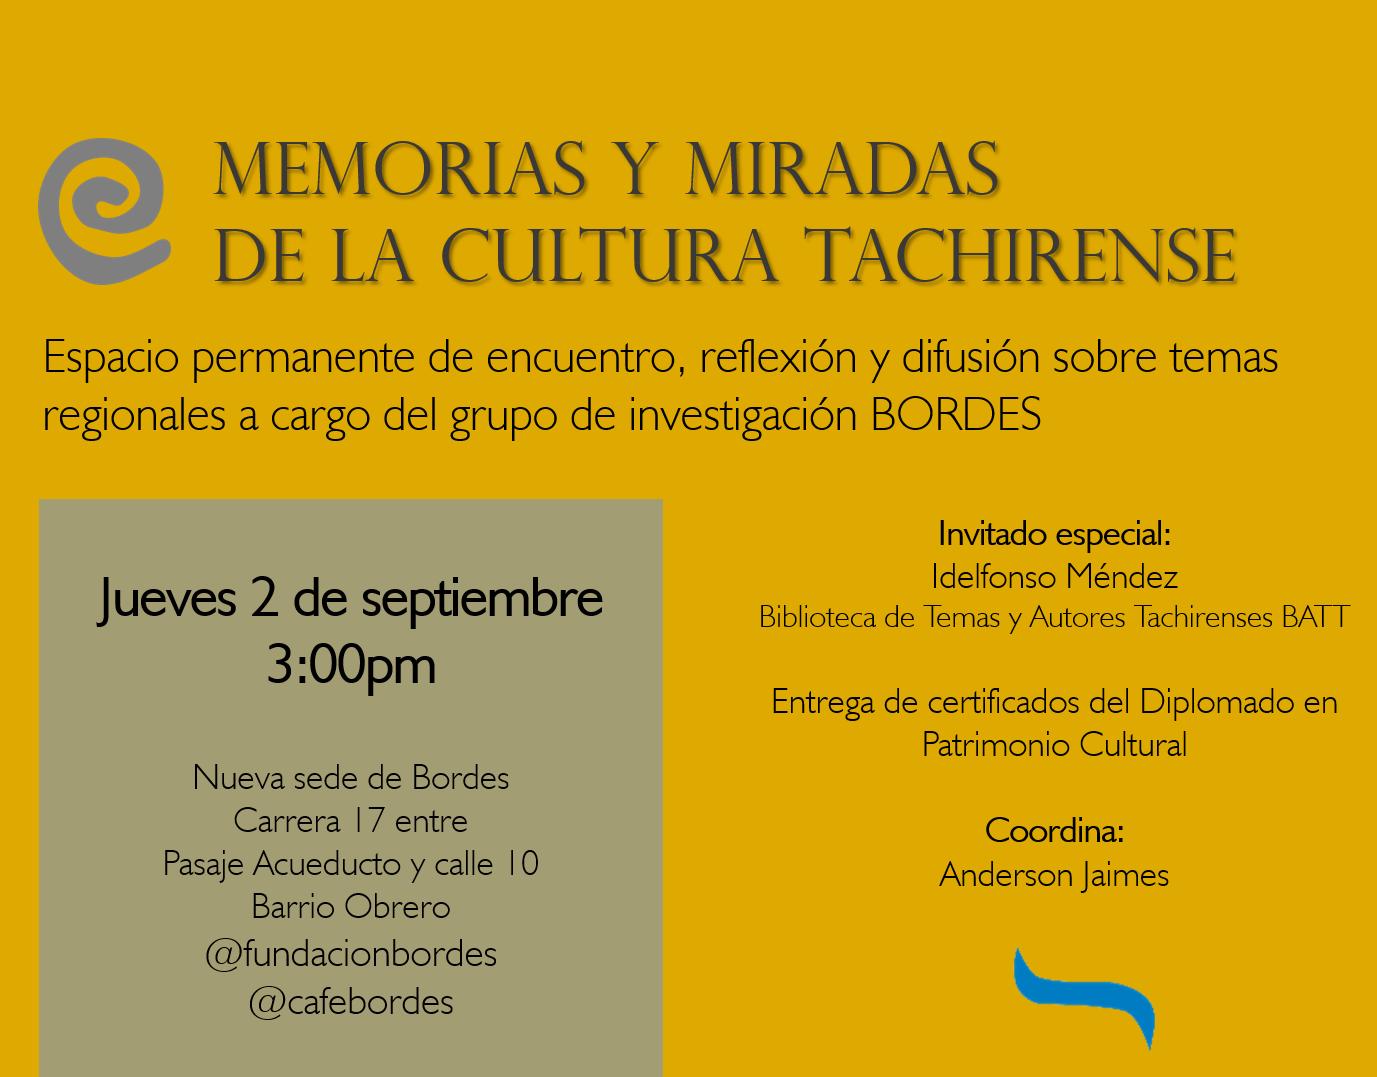 Memorias y miradas de la cultura tachirense